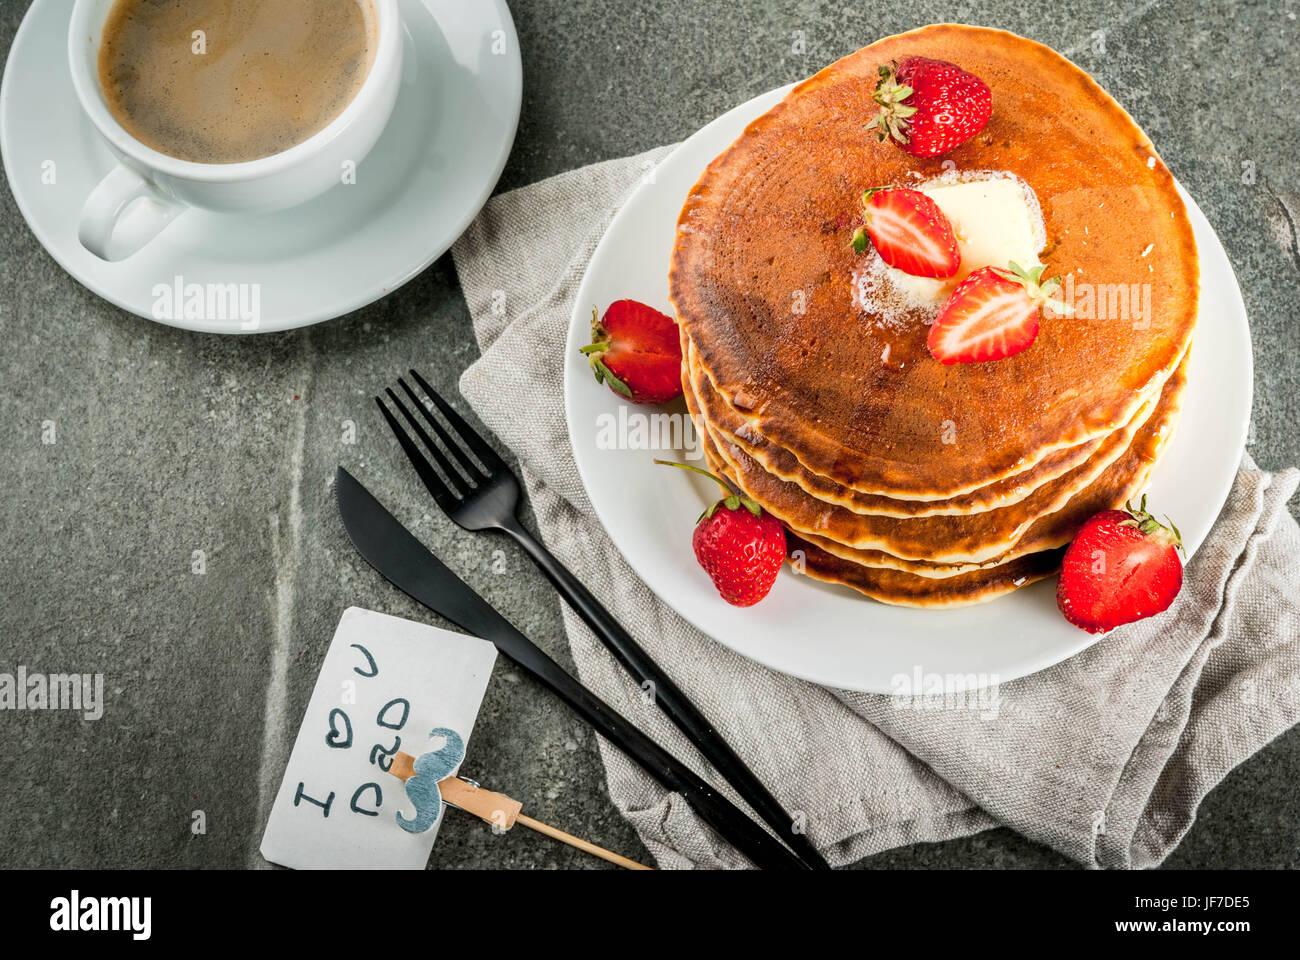 Célèbre la Fête des Pères. Le petit-déjeuner. L'idée pour le petit-déjeuner Photo Stock